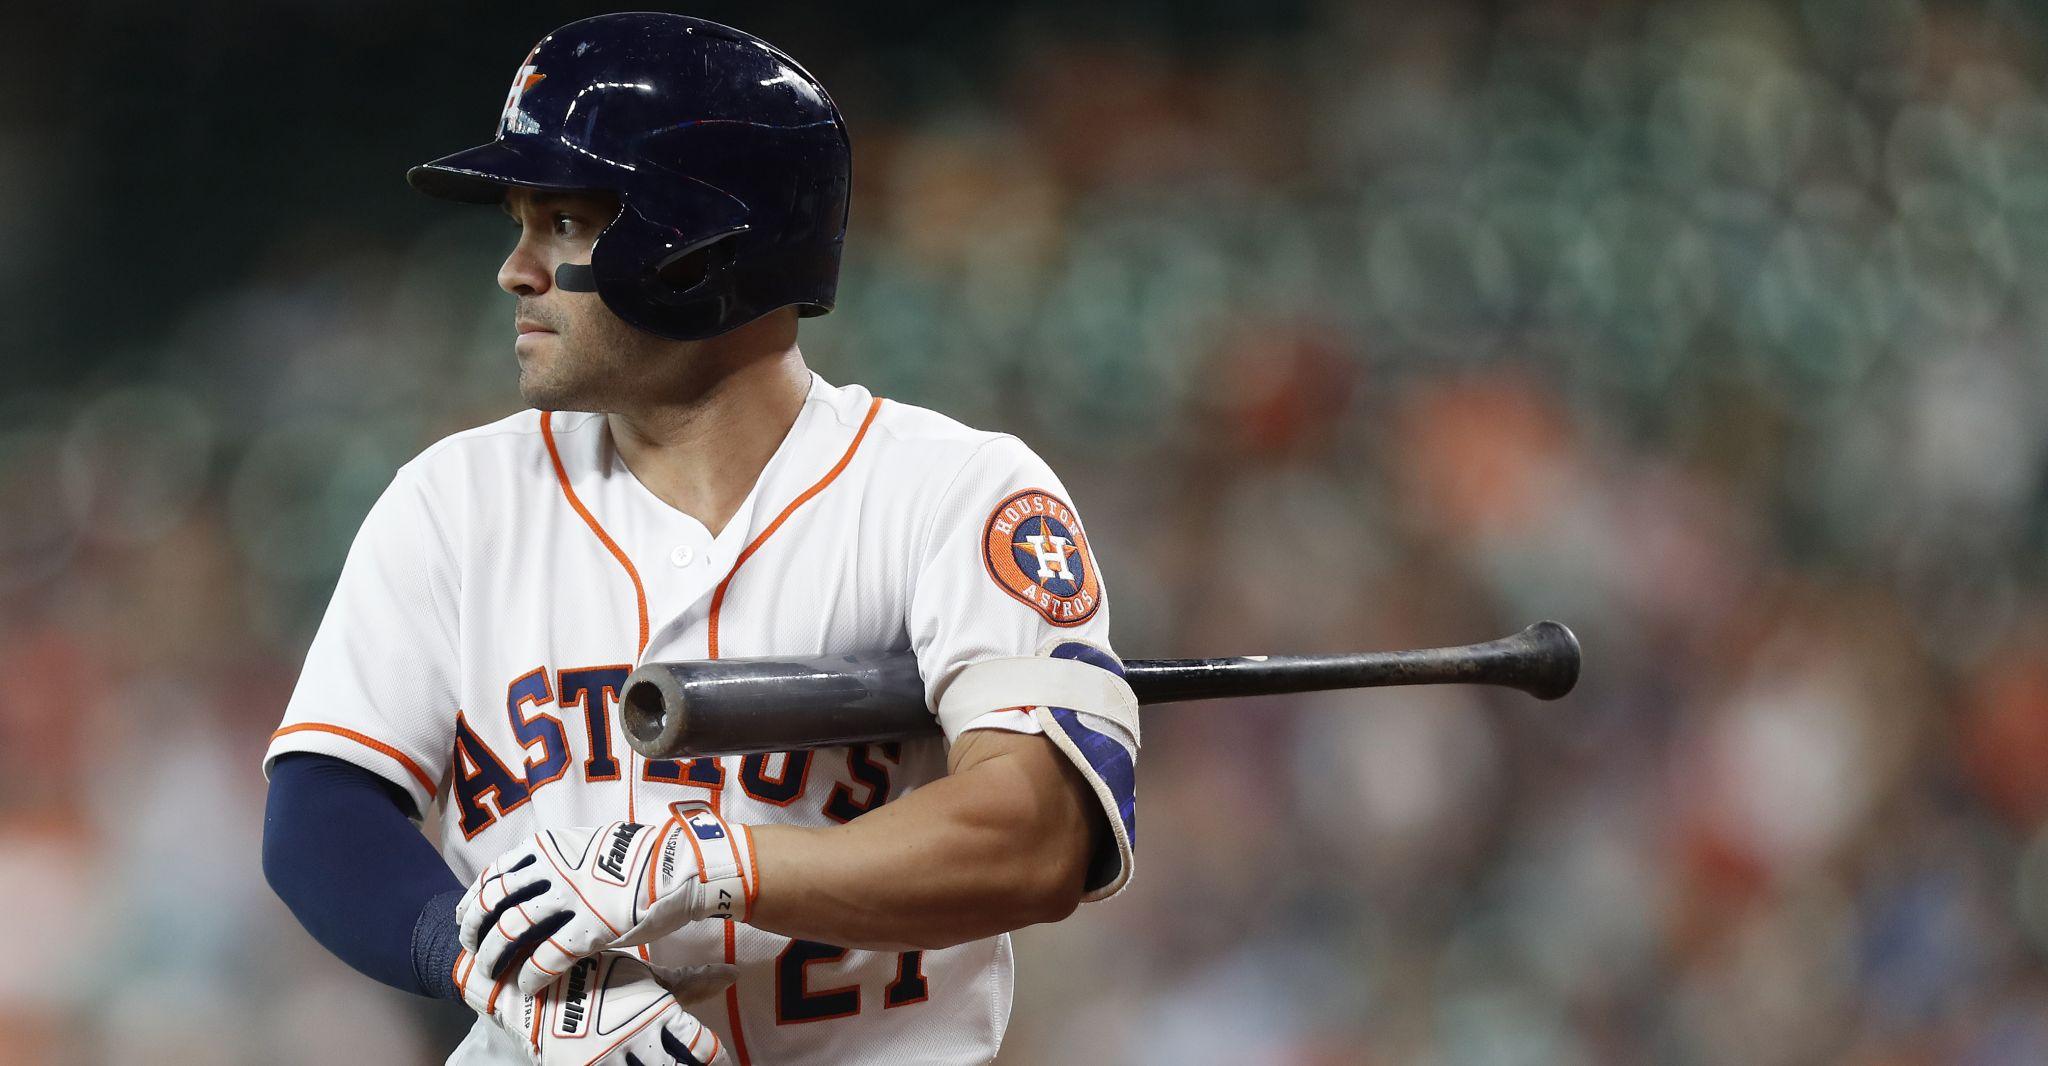 d1de77903 Astros  Jose Altuve wraps up third batting title in four years -  HoustonChronicle.com